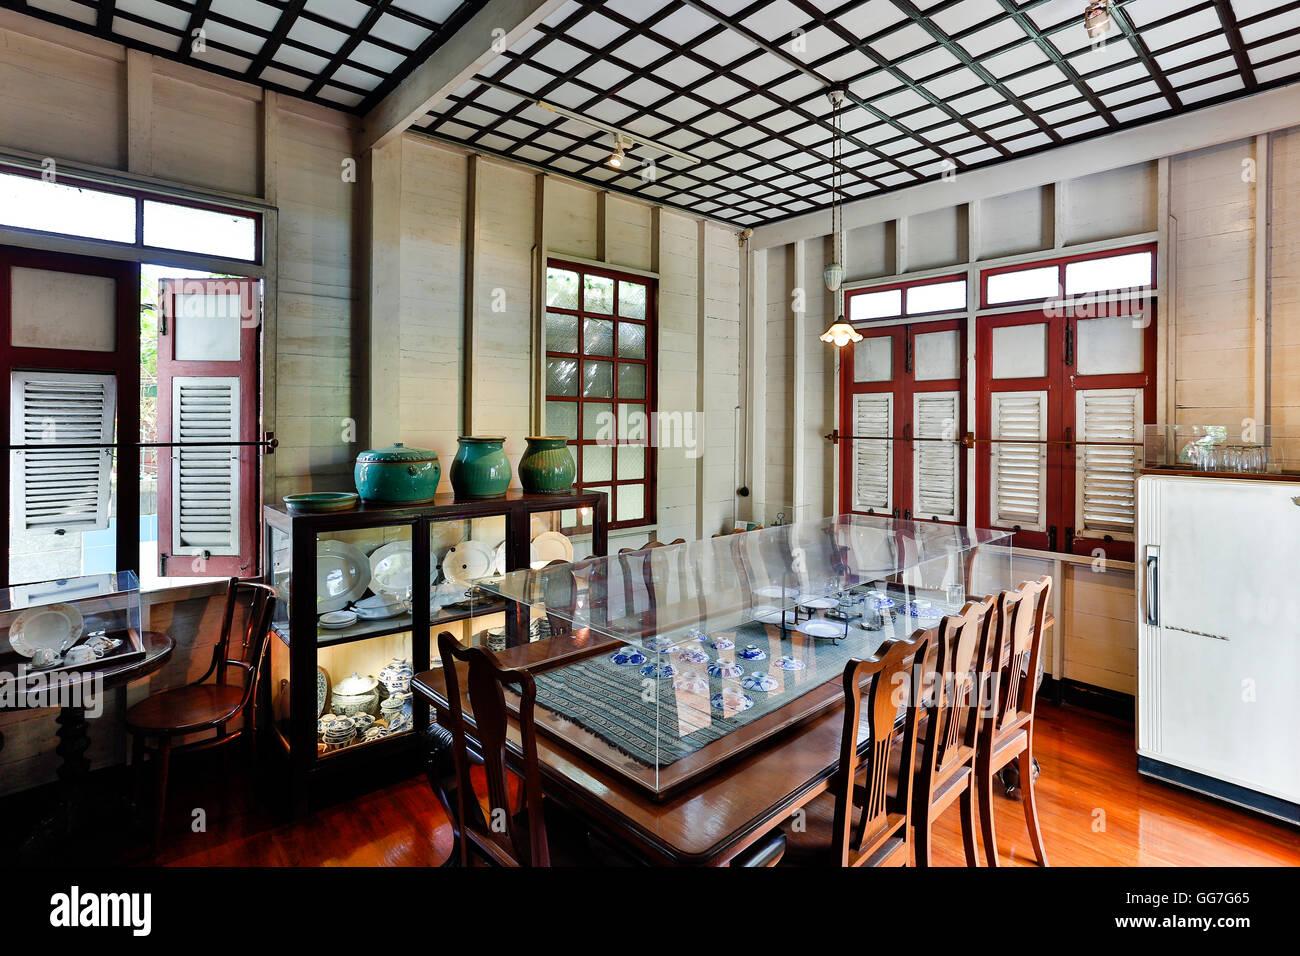 Bangkokian ou Bangkok Musée Folk Museum situé dans Bangrak, Bangkok, Thaïlande. Photo Stock